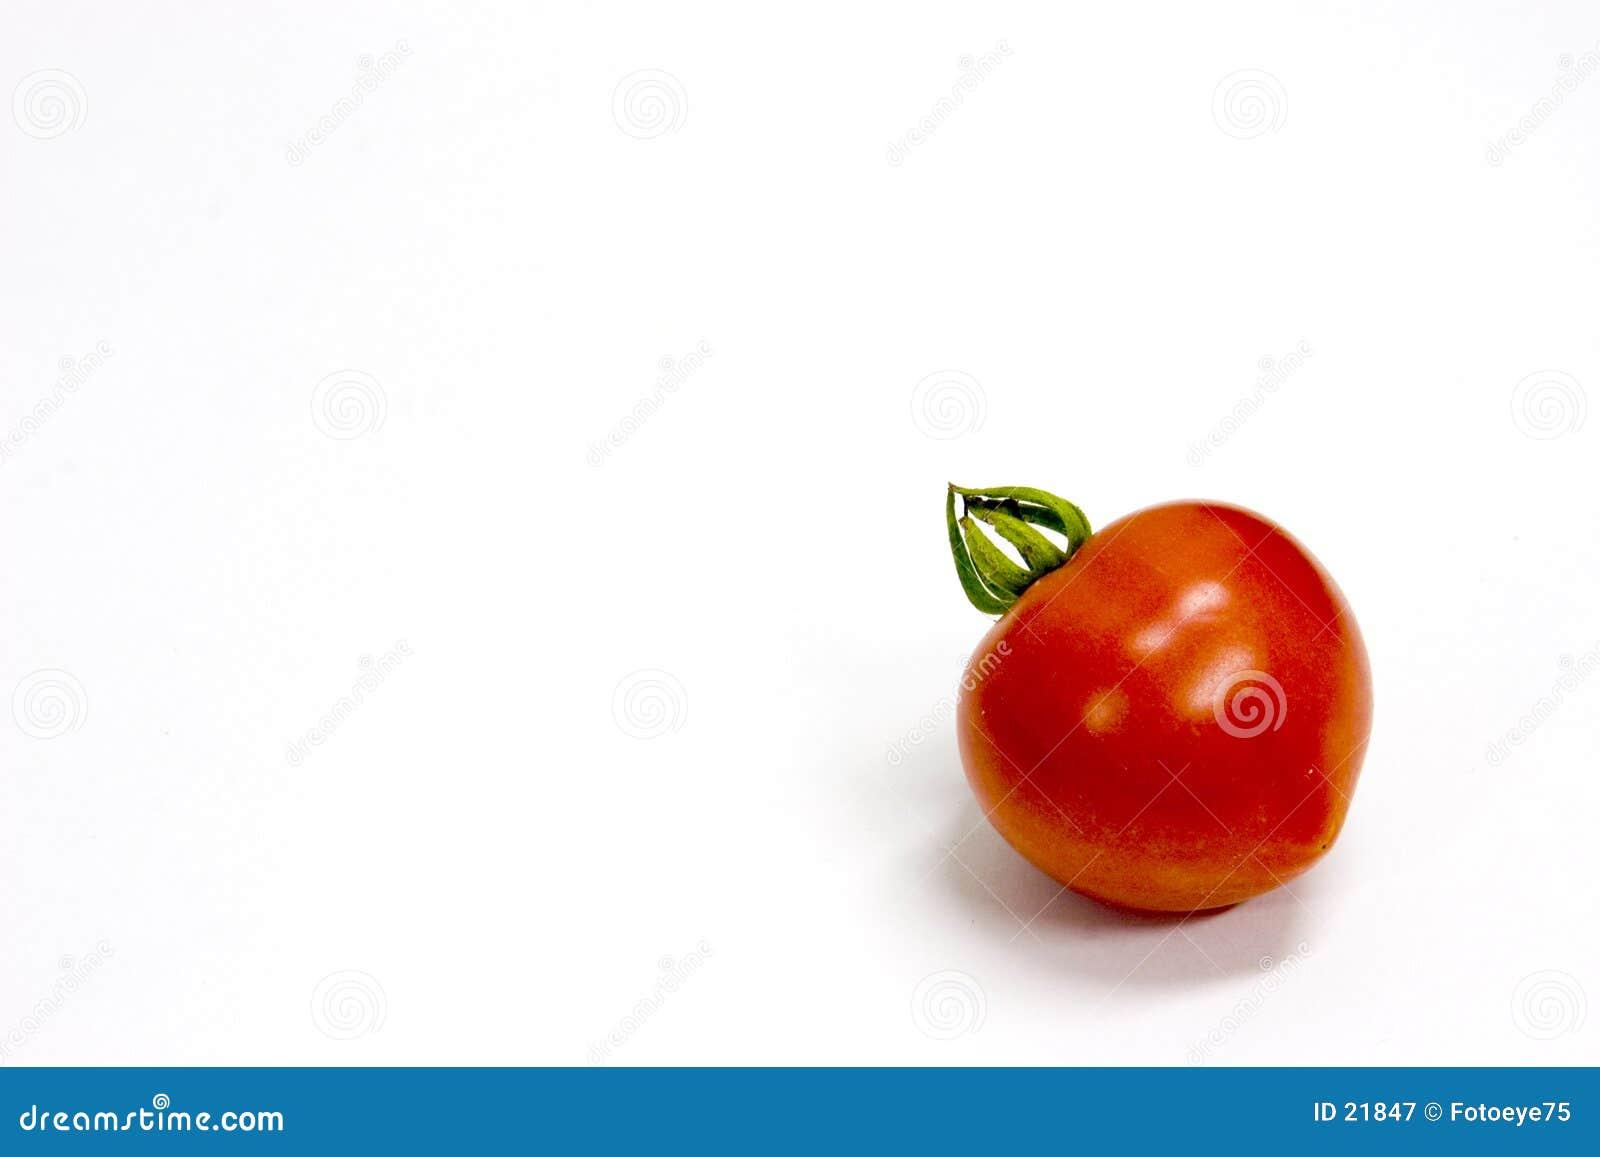 Tomatoe da uva